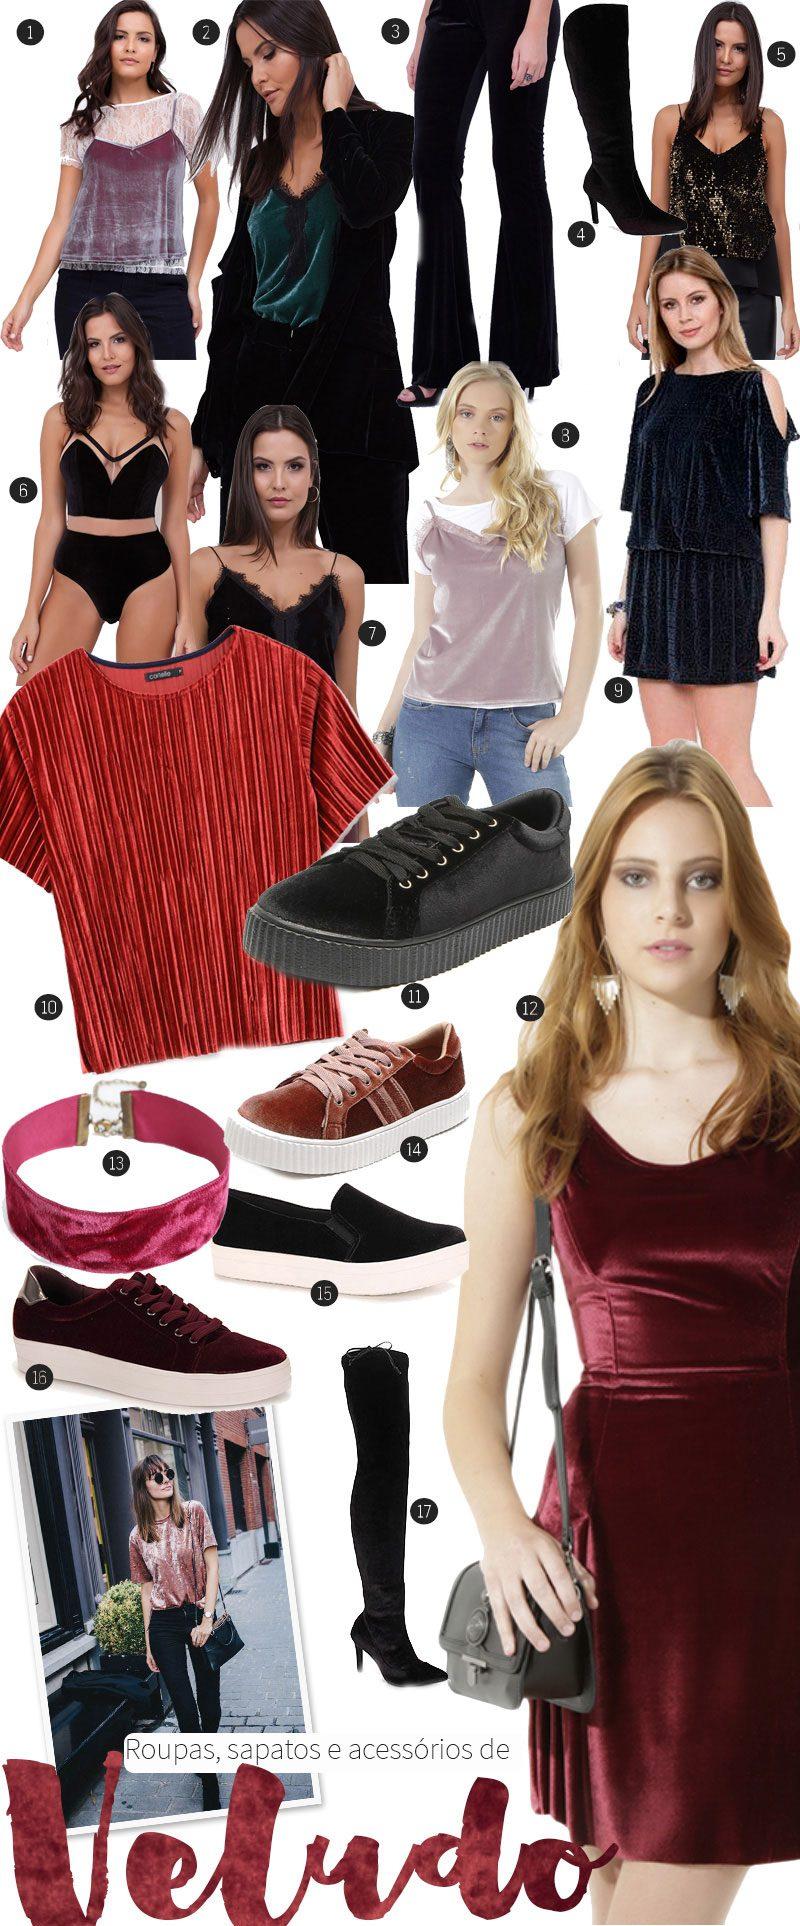 comprar roupas de veludo